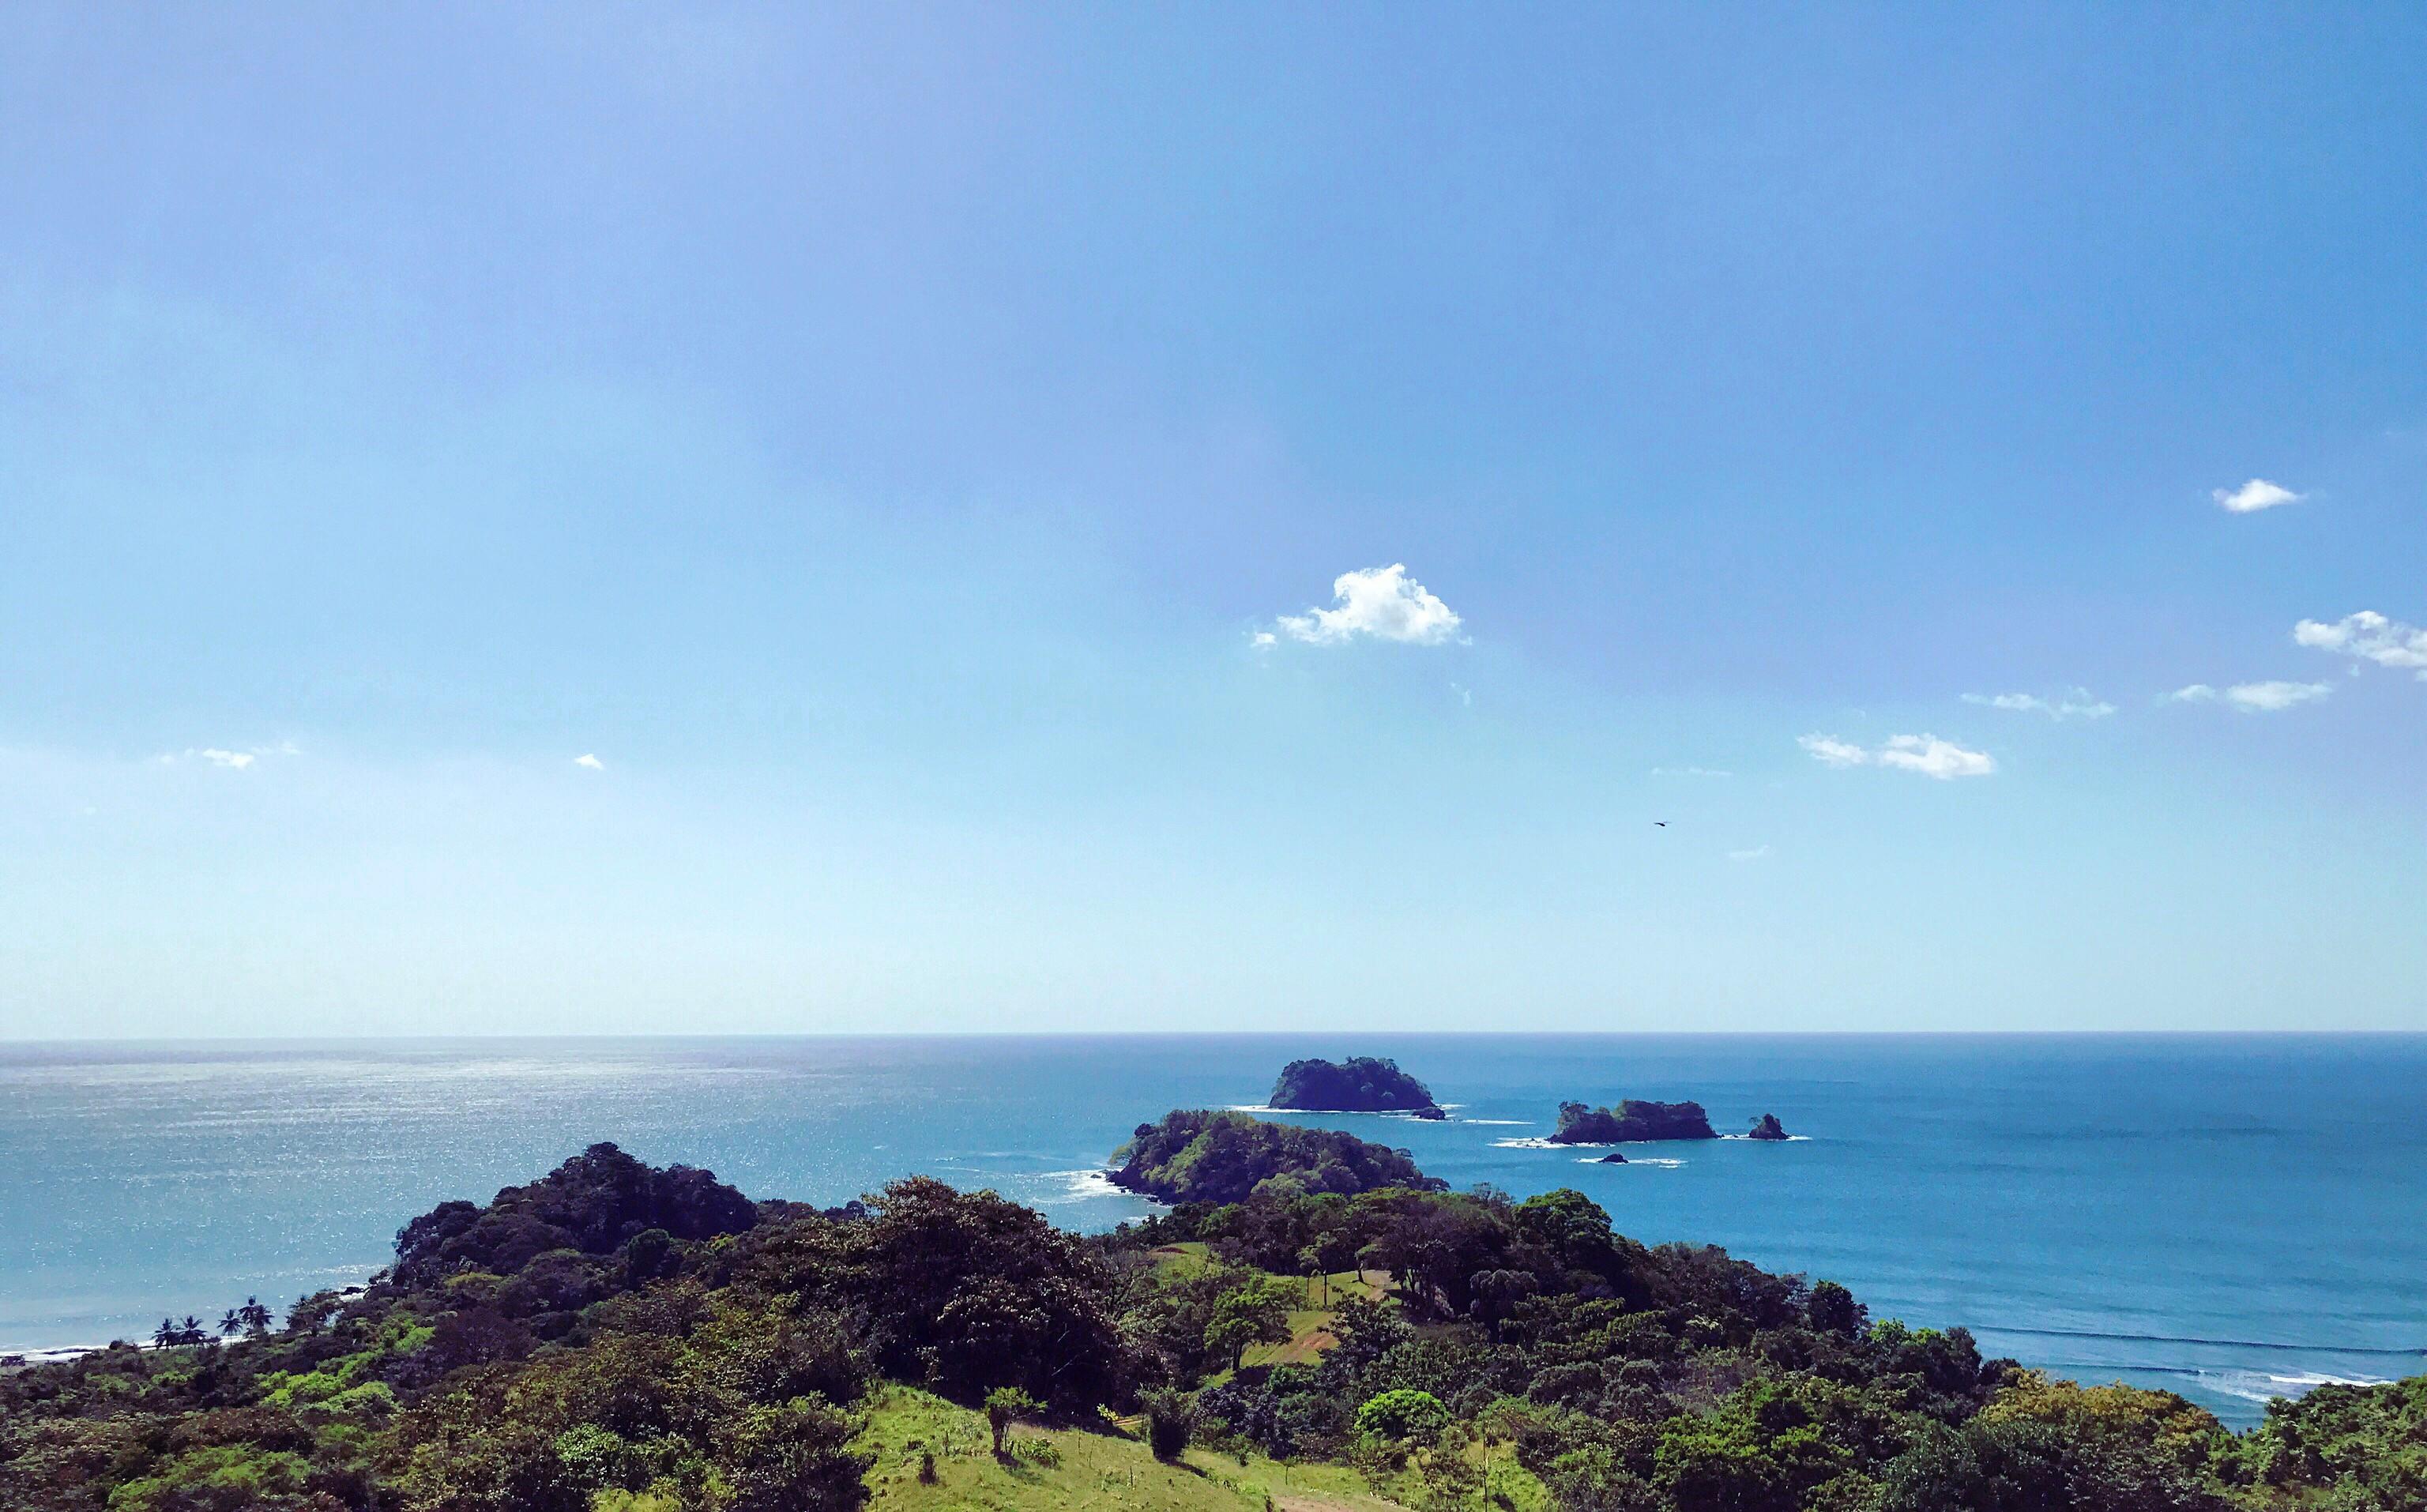 Los Islotes' ocean view